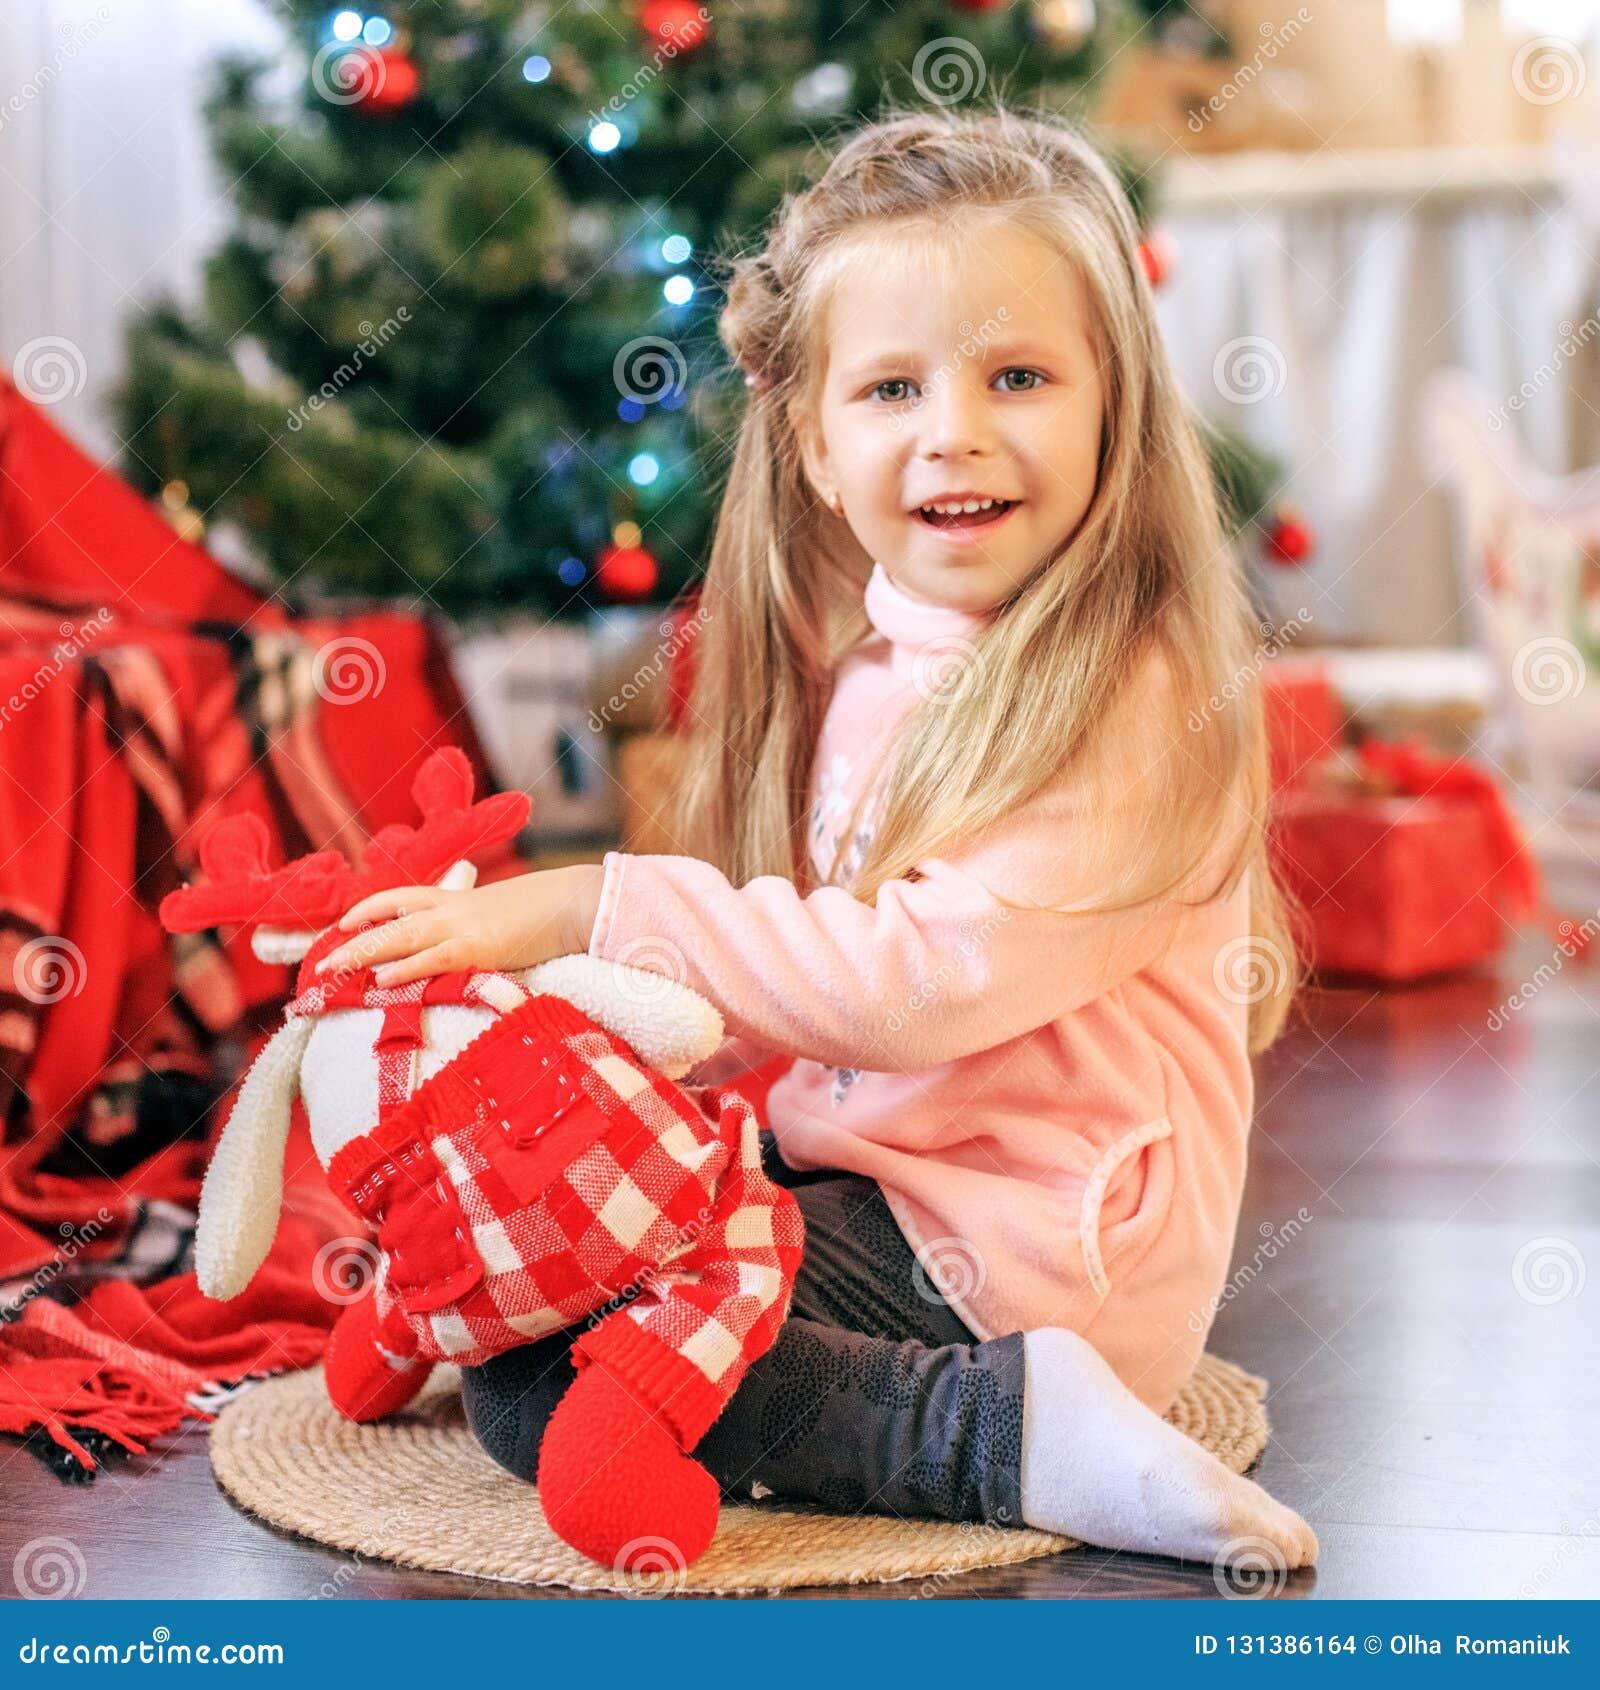 Ребенок игрушка Новый Год концепции, с Рождеством Христовым, праздник,